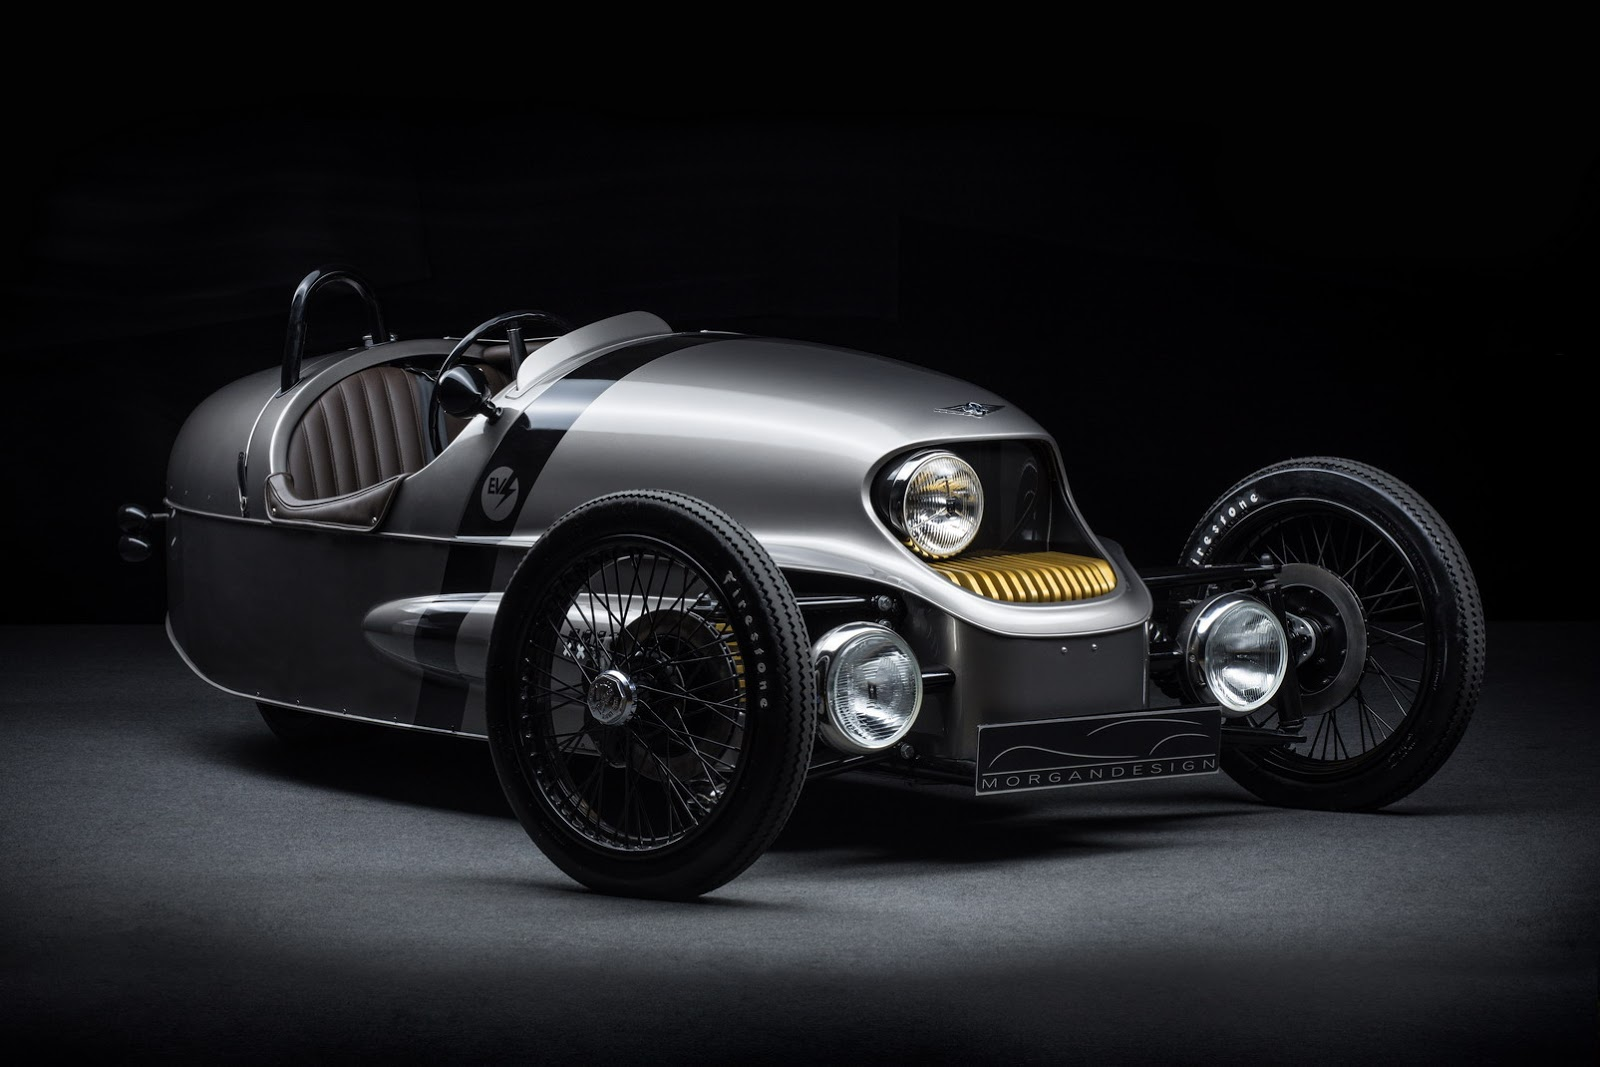 Morgan EV3 2017 sẽ là dòng xe chạy hoàn toàn bằng điện của Morgan